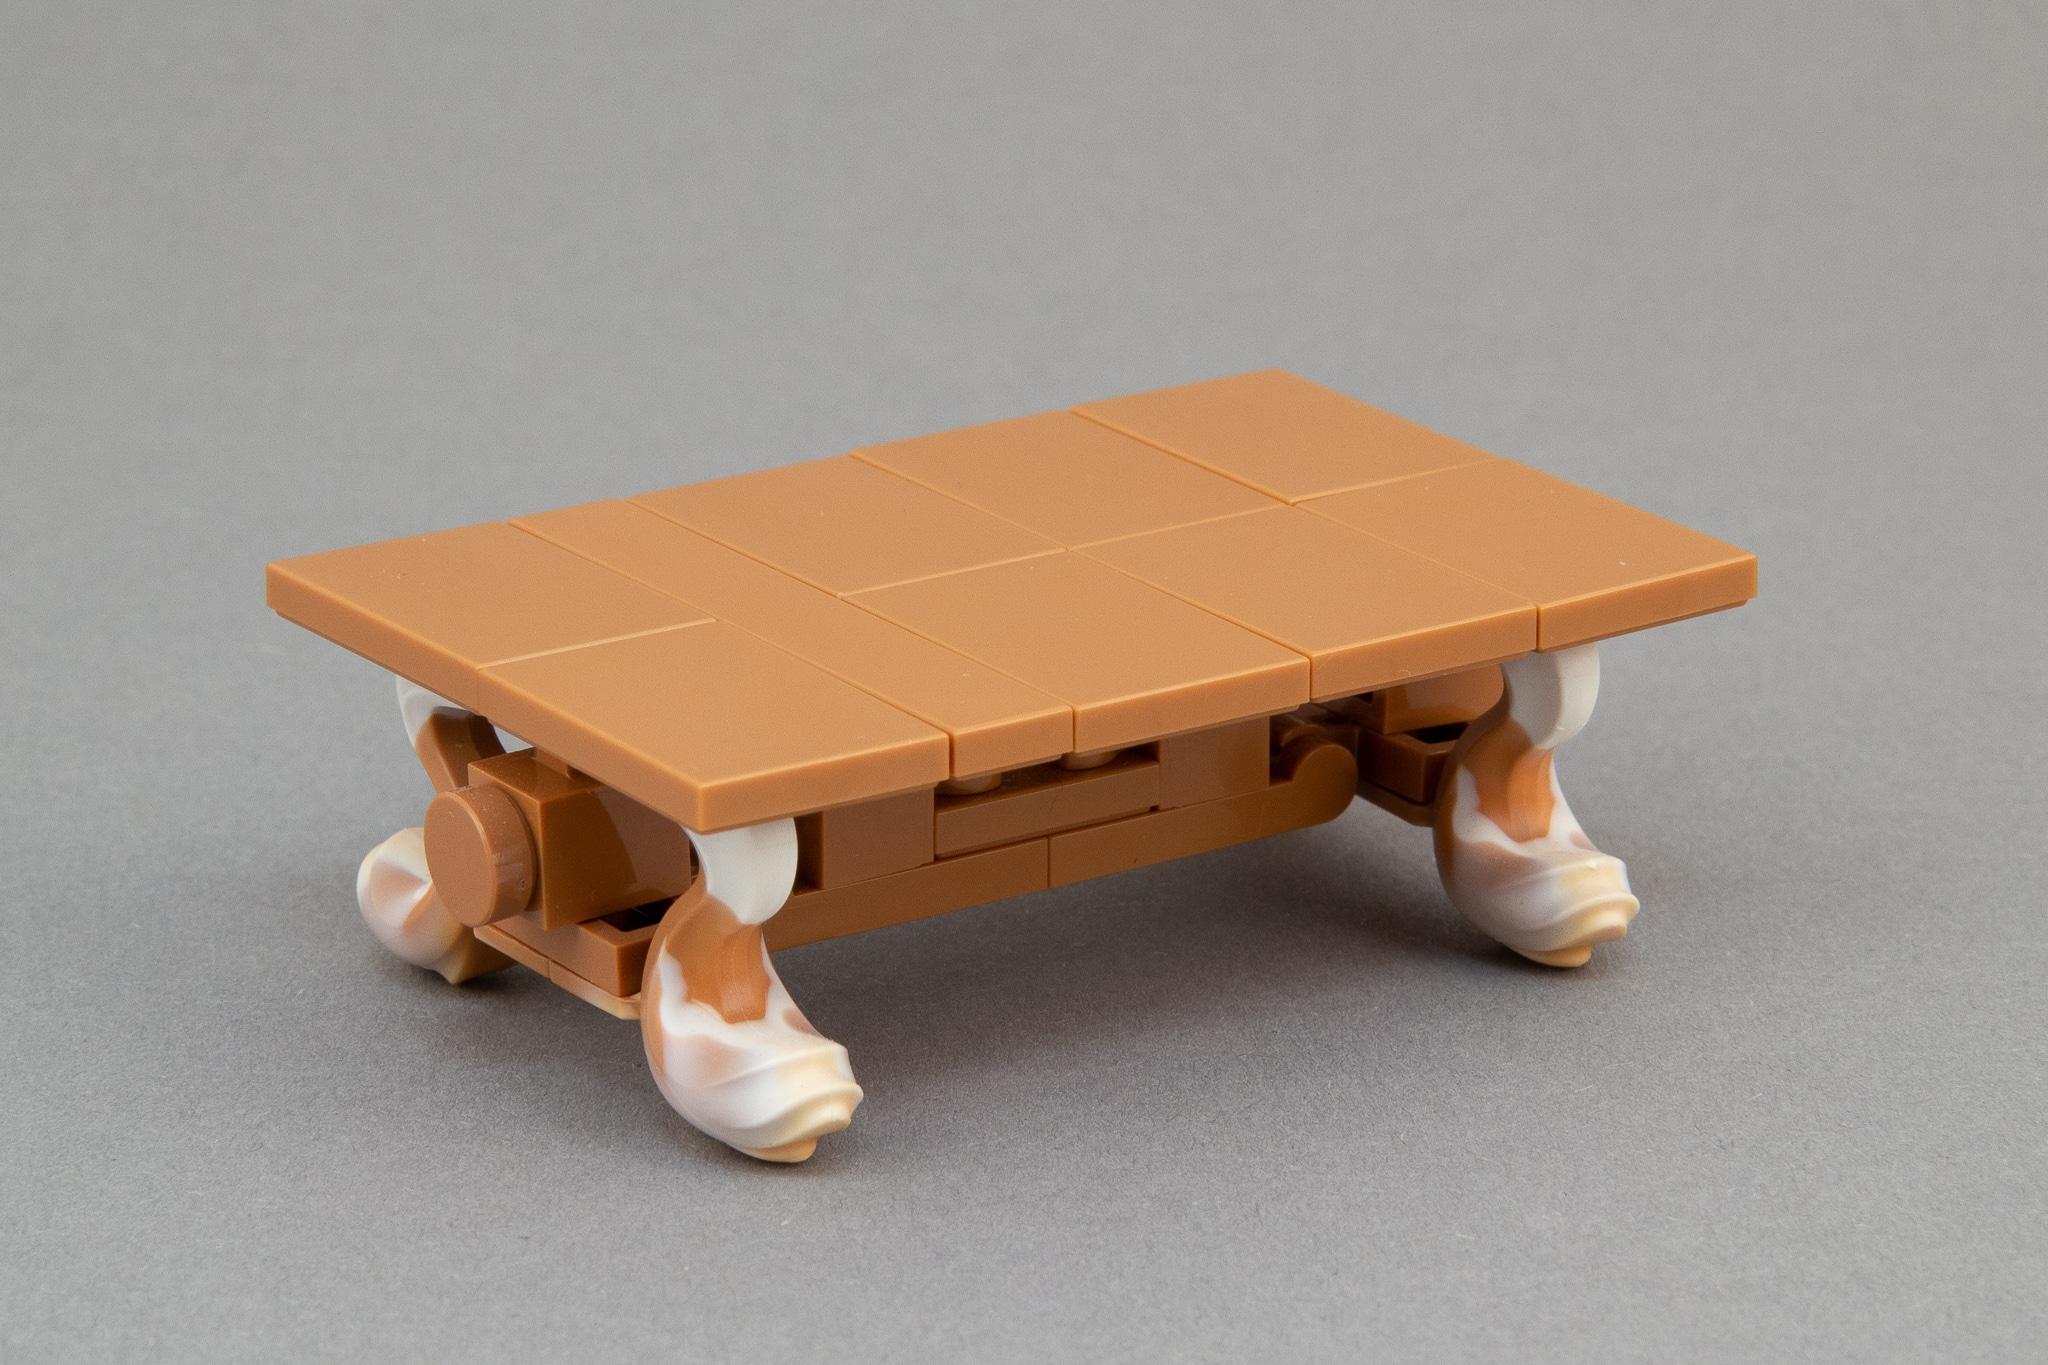 LEGO Moc Bausinpiration Esszimmer Tisch (6)